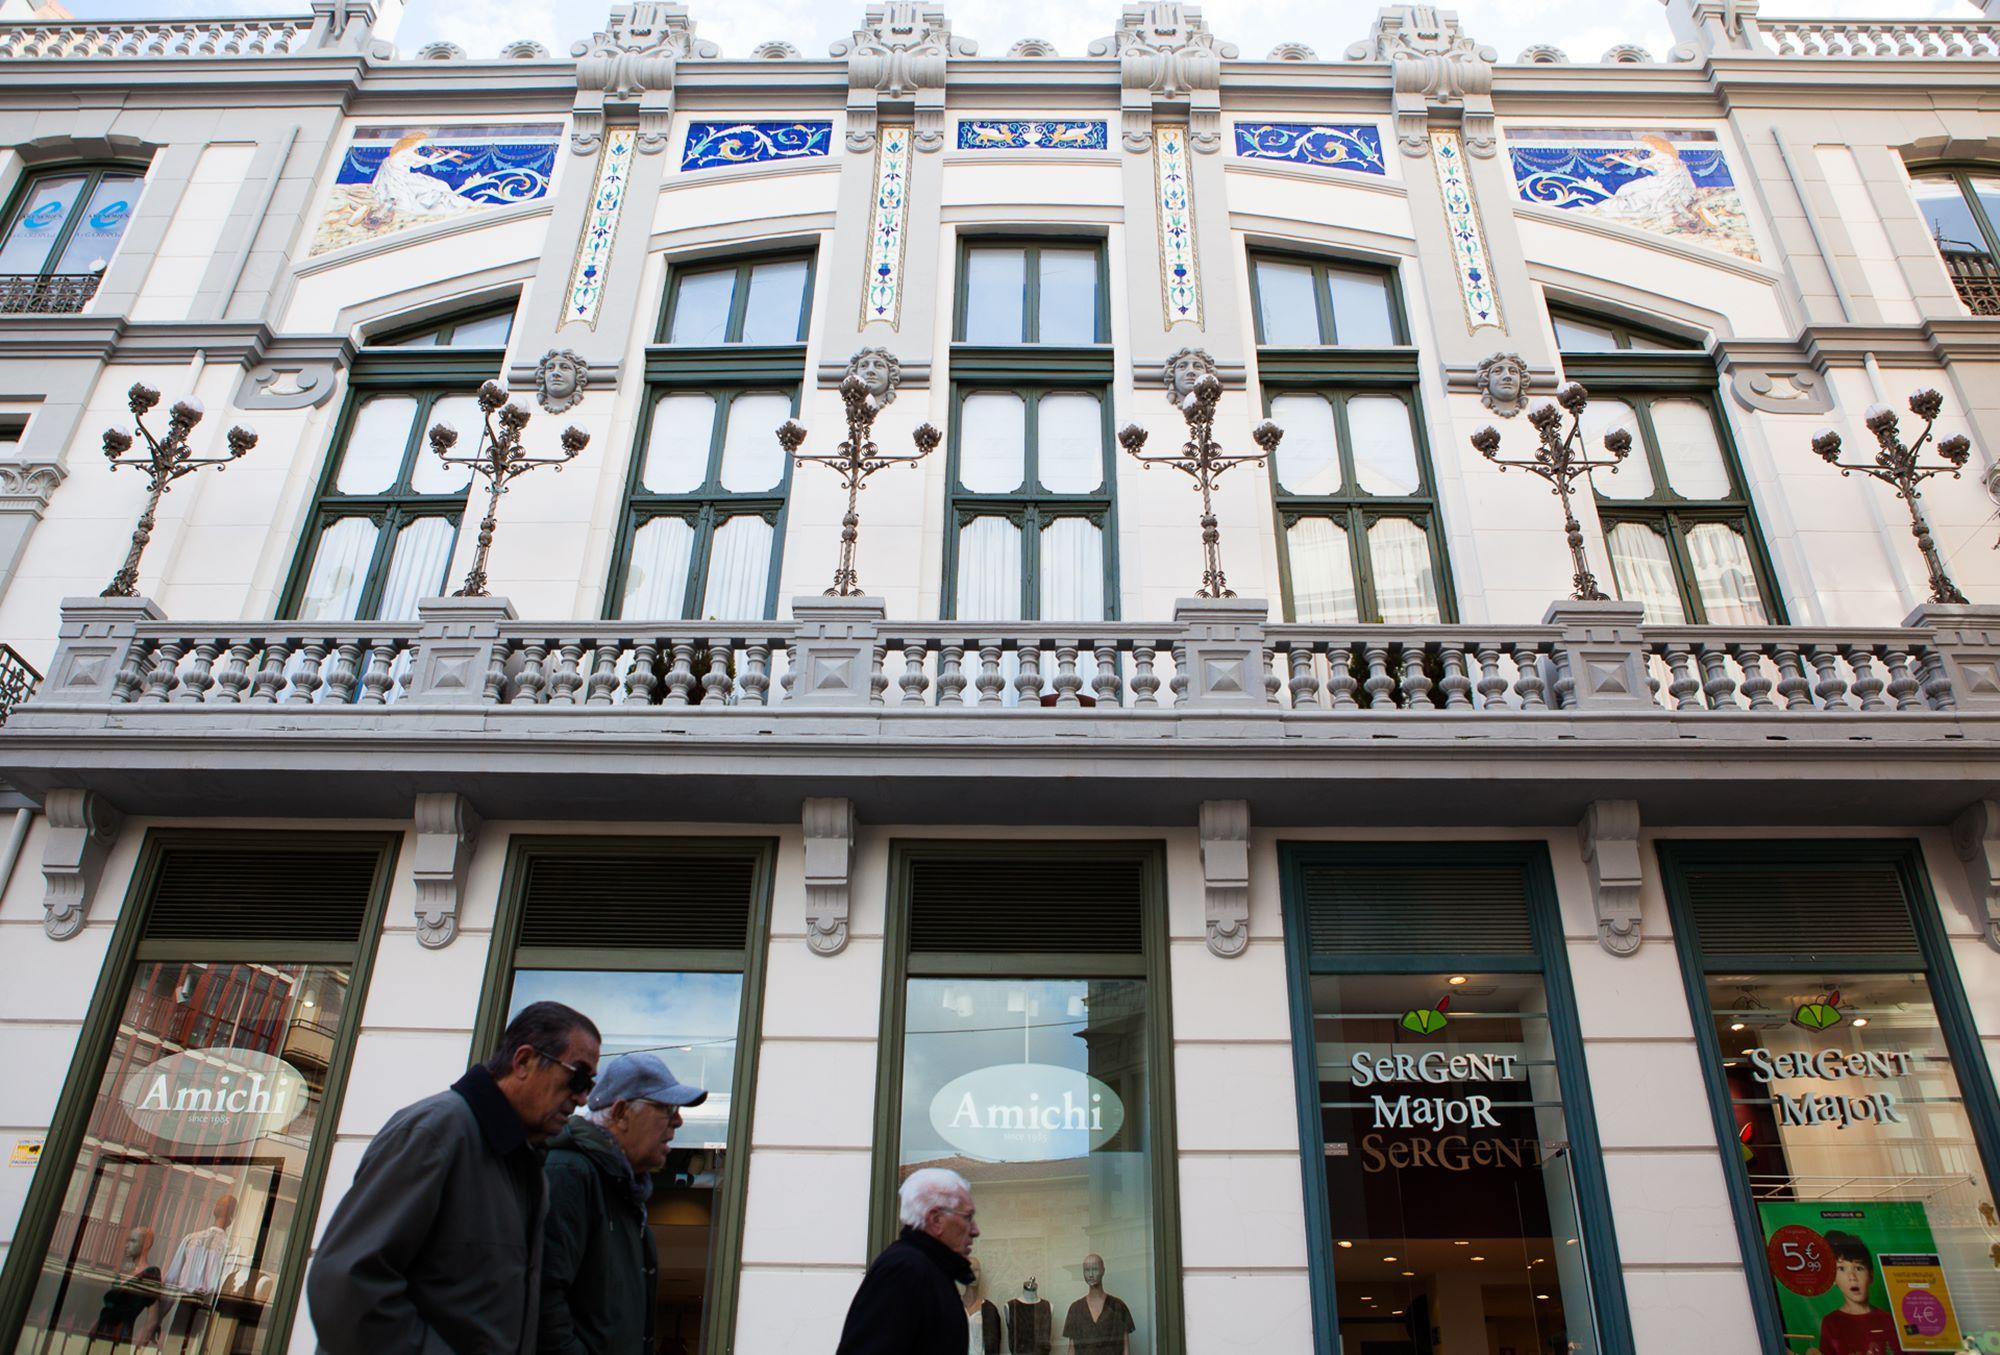 Las cerámicas azuladas y las farolas en los balcones del Casino, obra de arte del urbanismo.